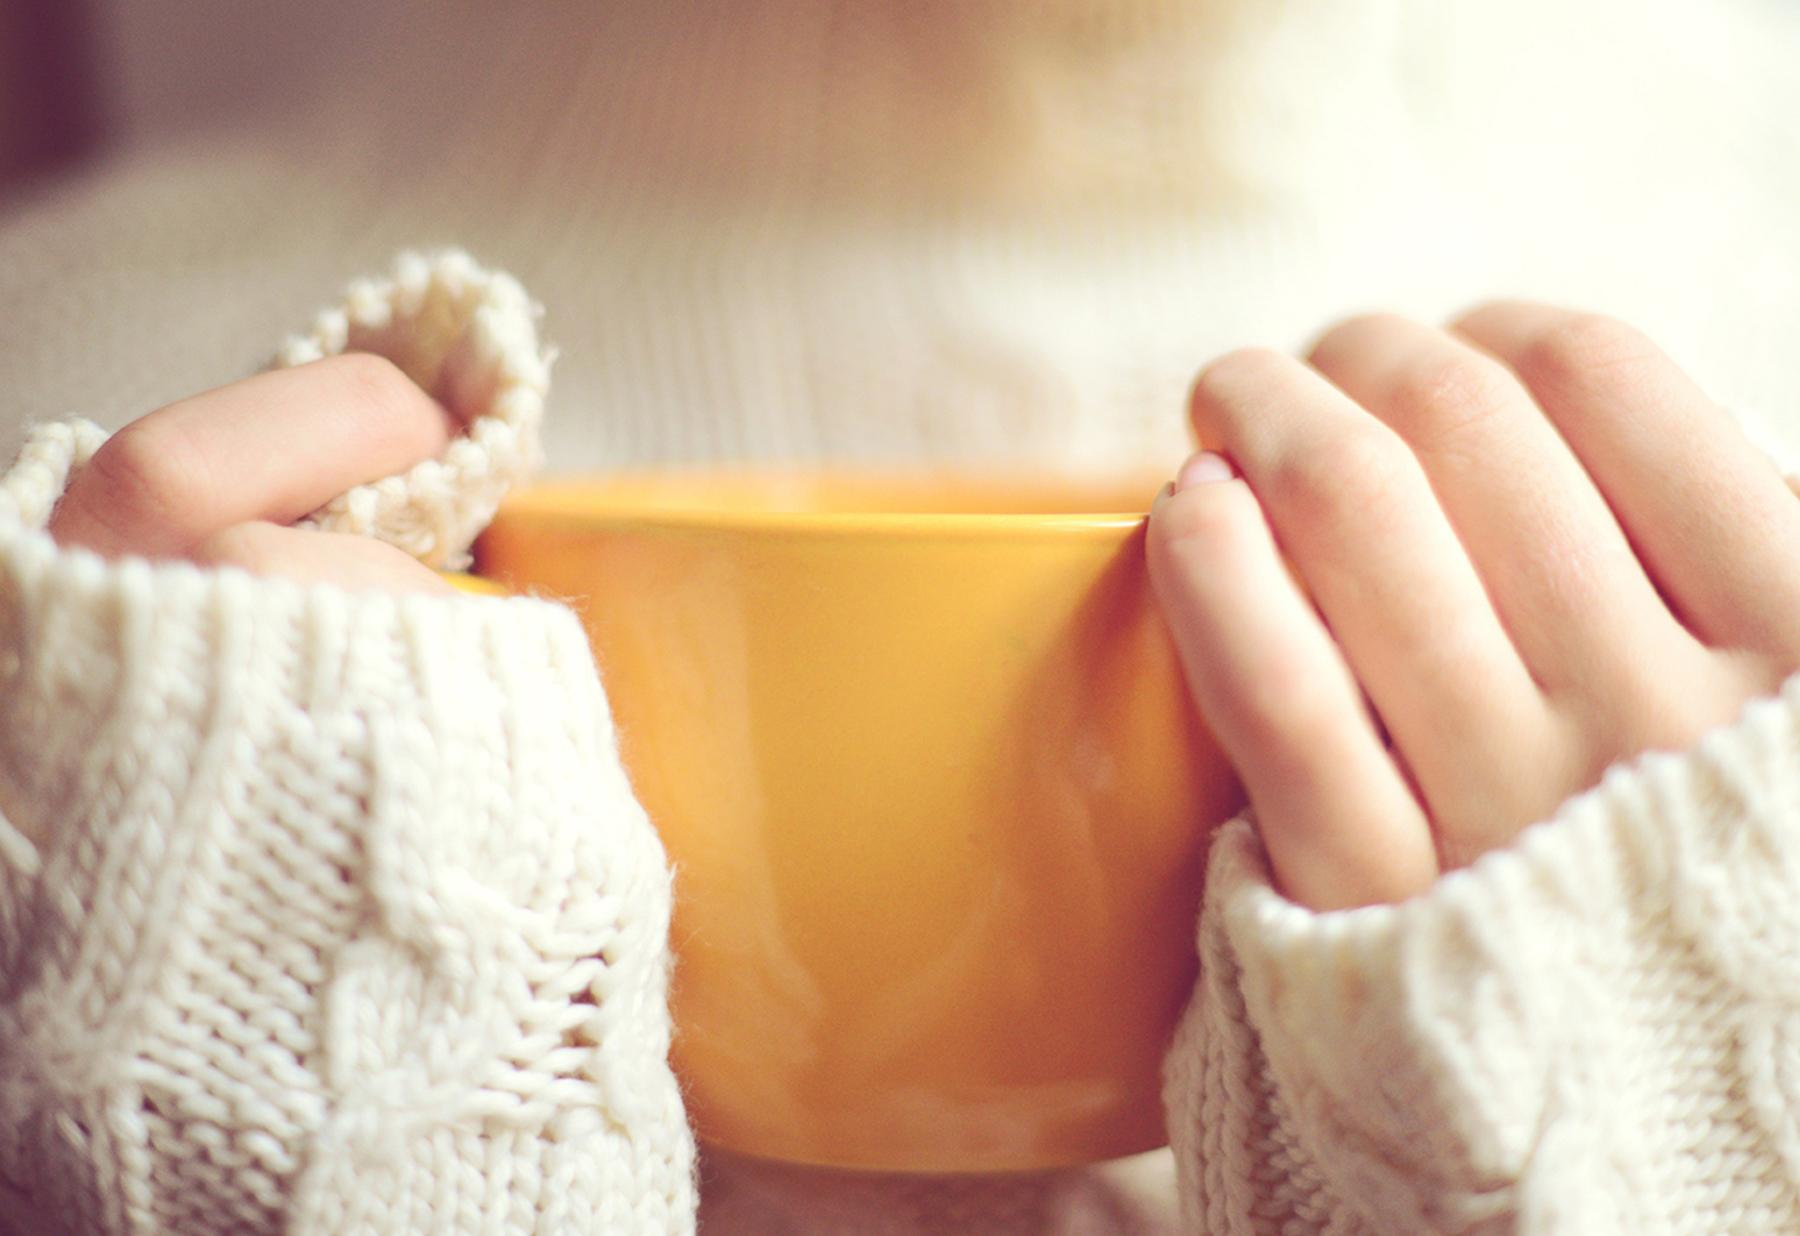 mug being held